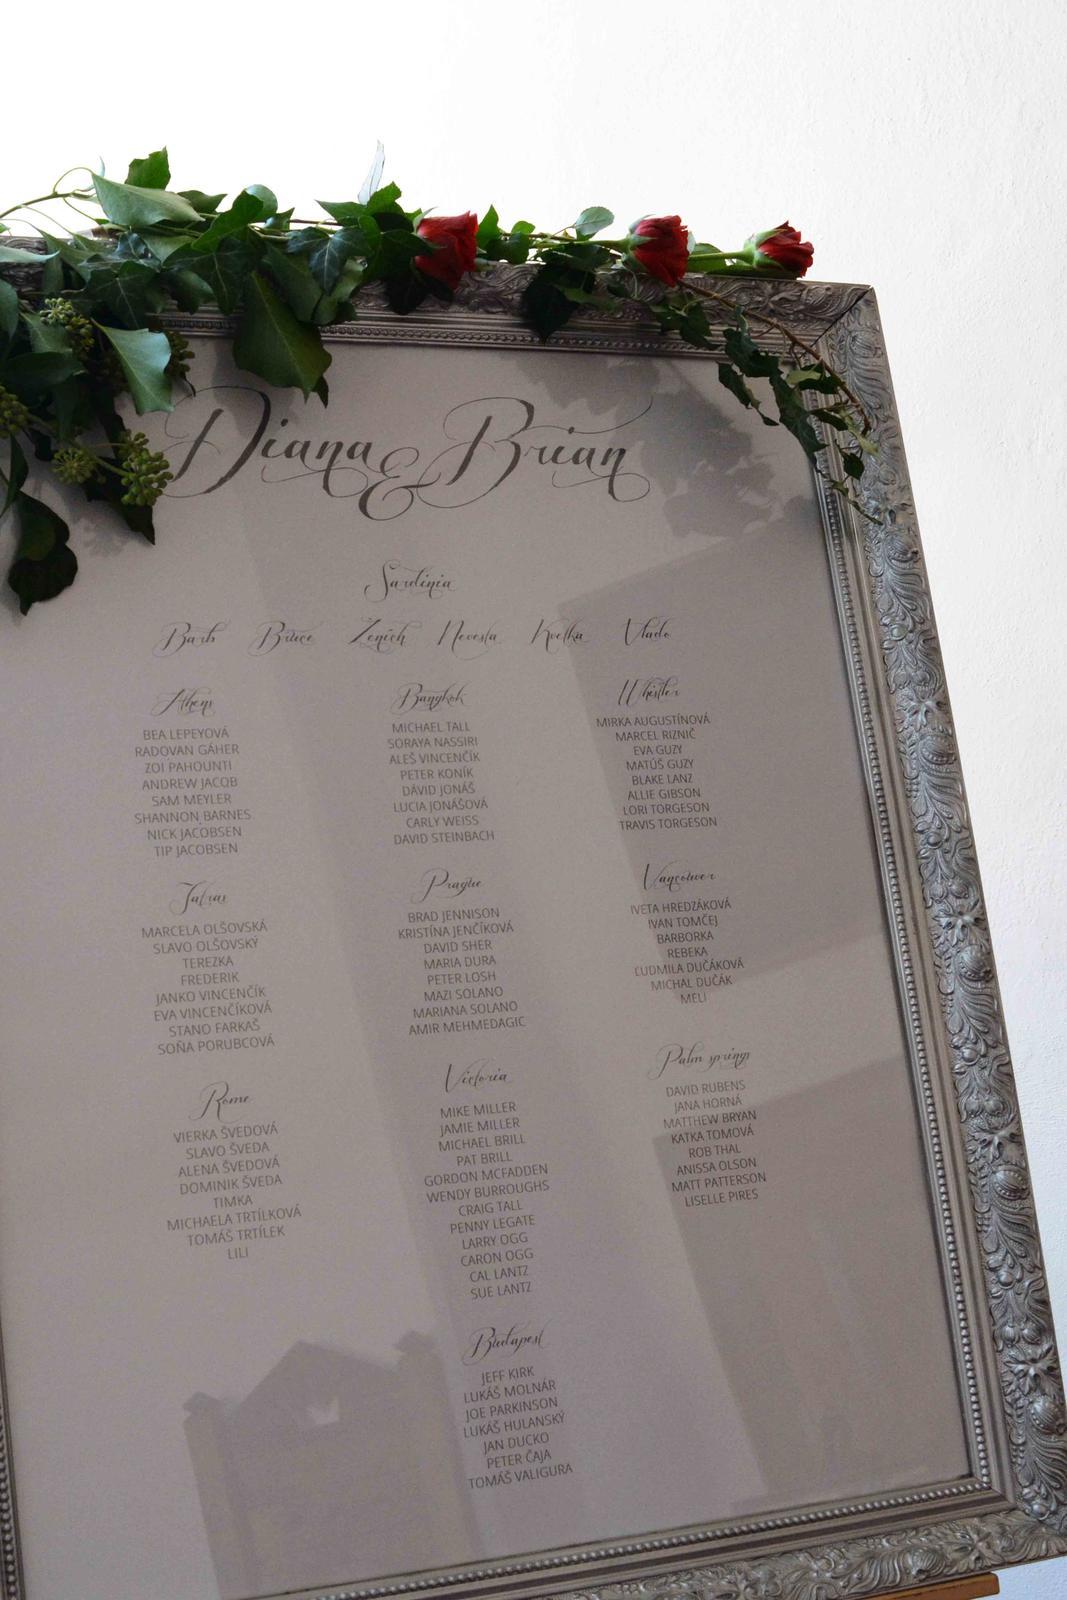 Diana & Brian ... na zámku ♥♥♥ - Obrázok č. 13